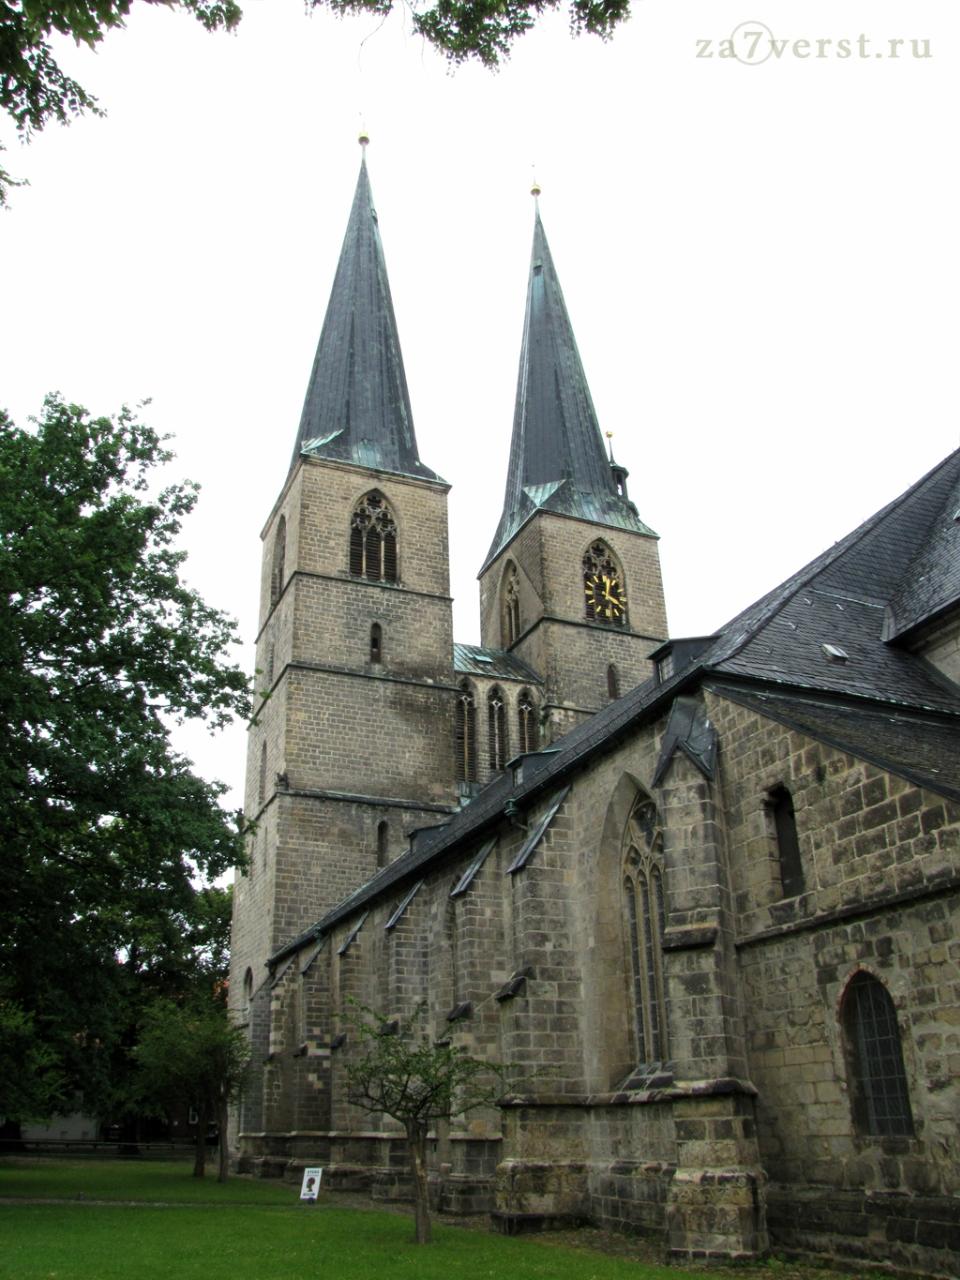 Церковь Святого Николая. Кведлинбург, Германия